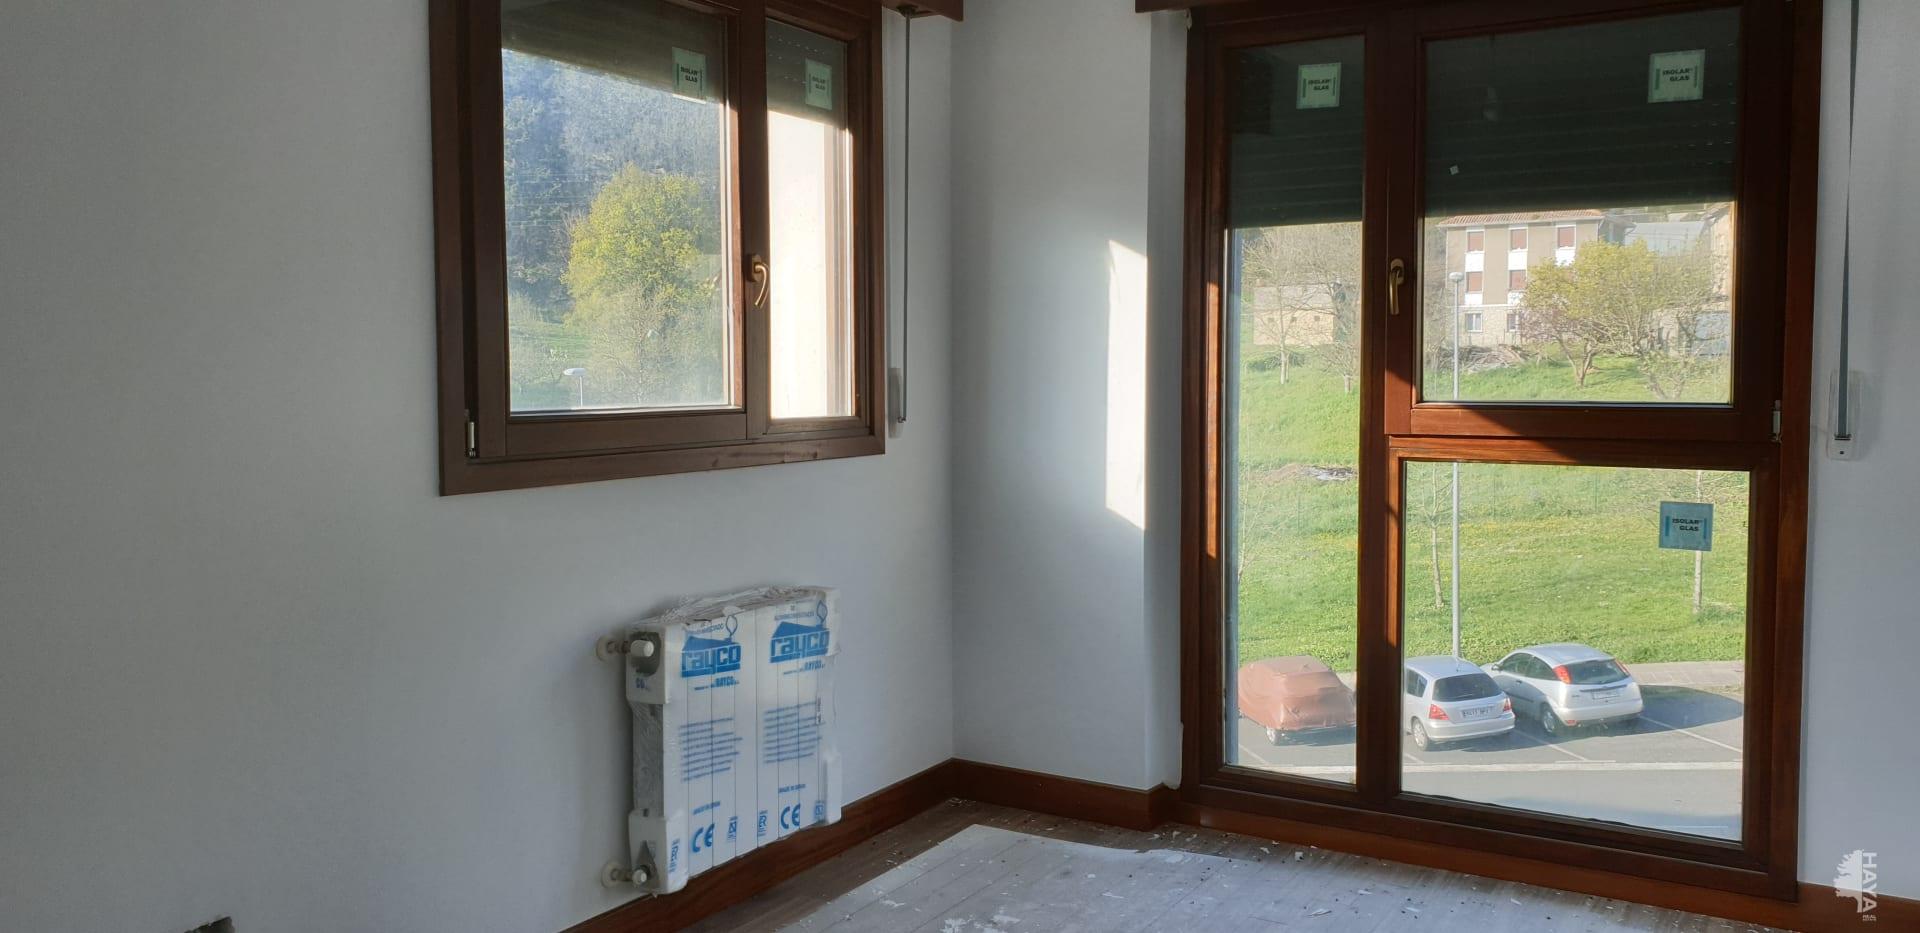 Piso en venta en Lemoa, Vizcaya, Calle Pozueta, 134.000 €, 2 habitaciones, 1 baño, 70 m2